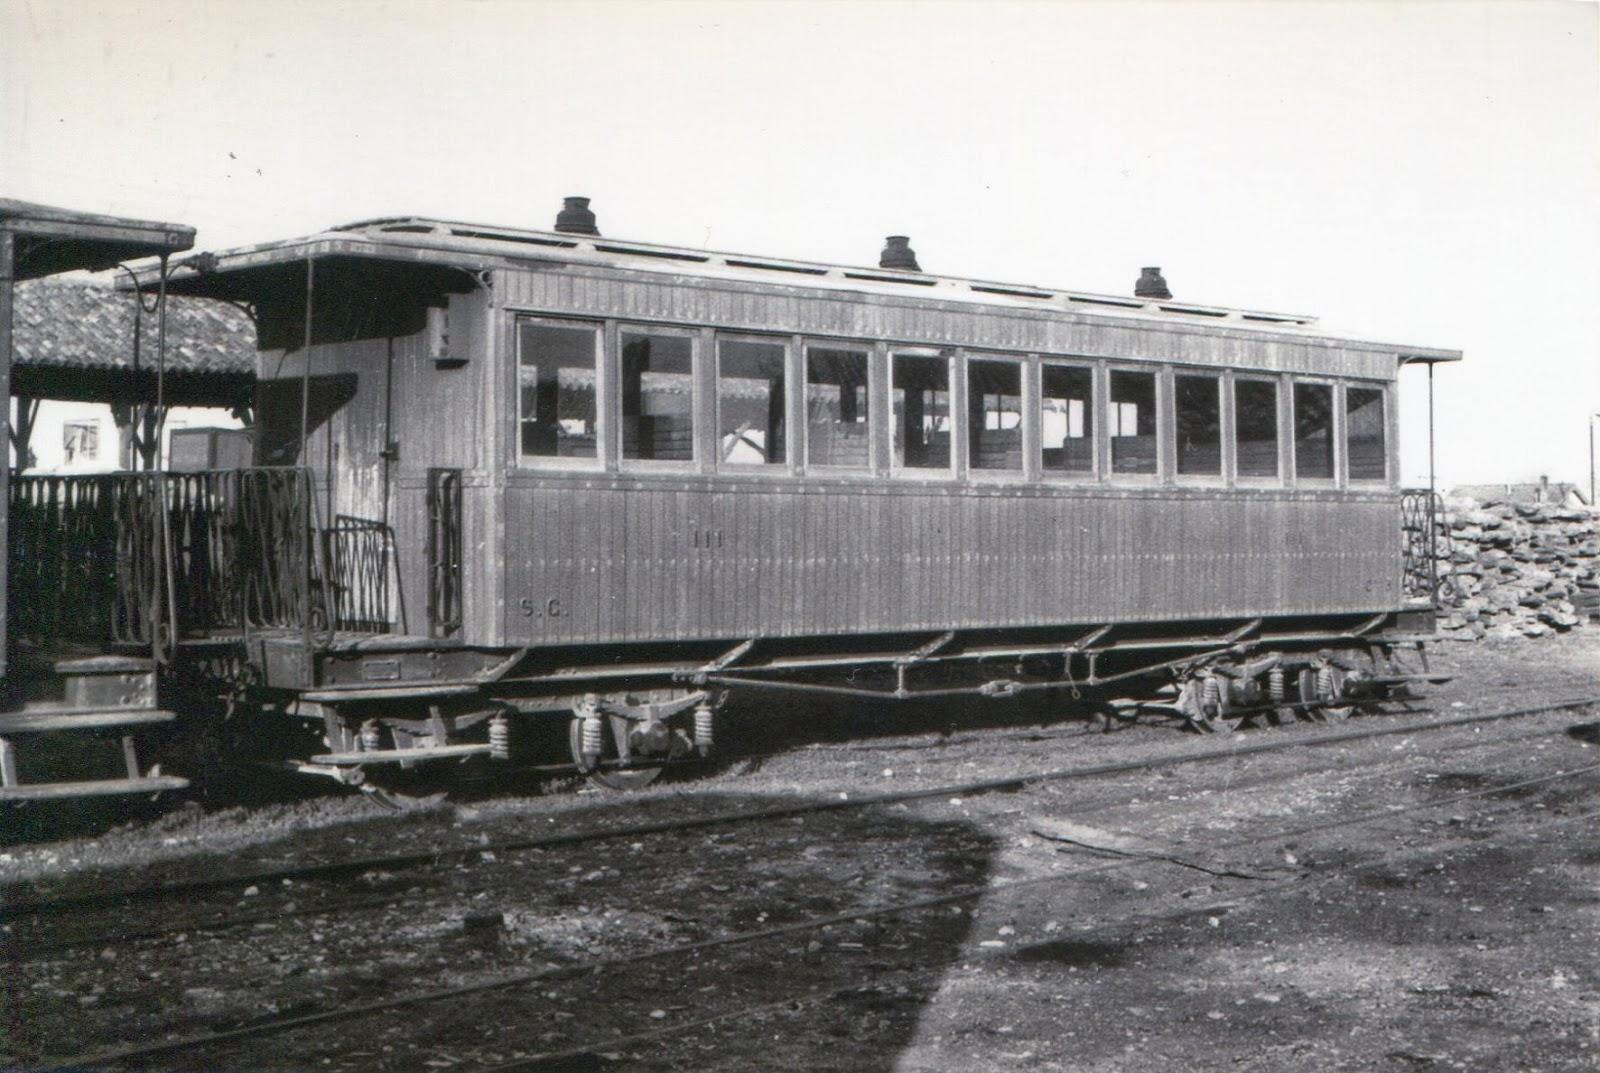 Sadaba a Gallur , coche de viajeros fabricado por Carde y Escoriaza, foto Jerey Wiseman